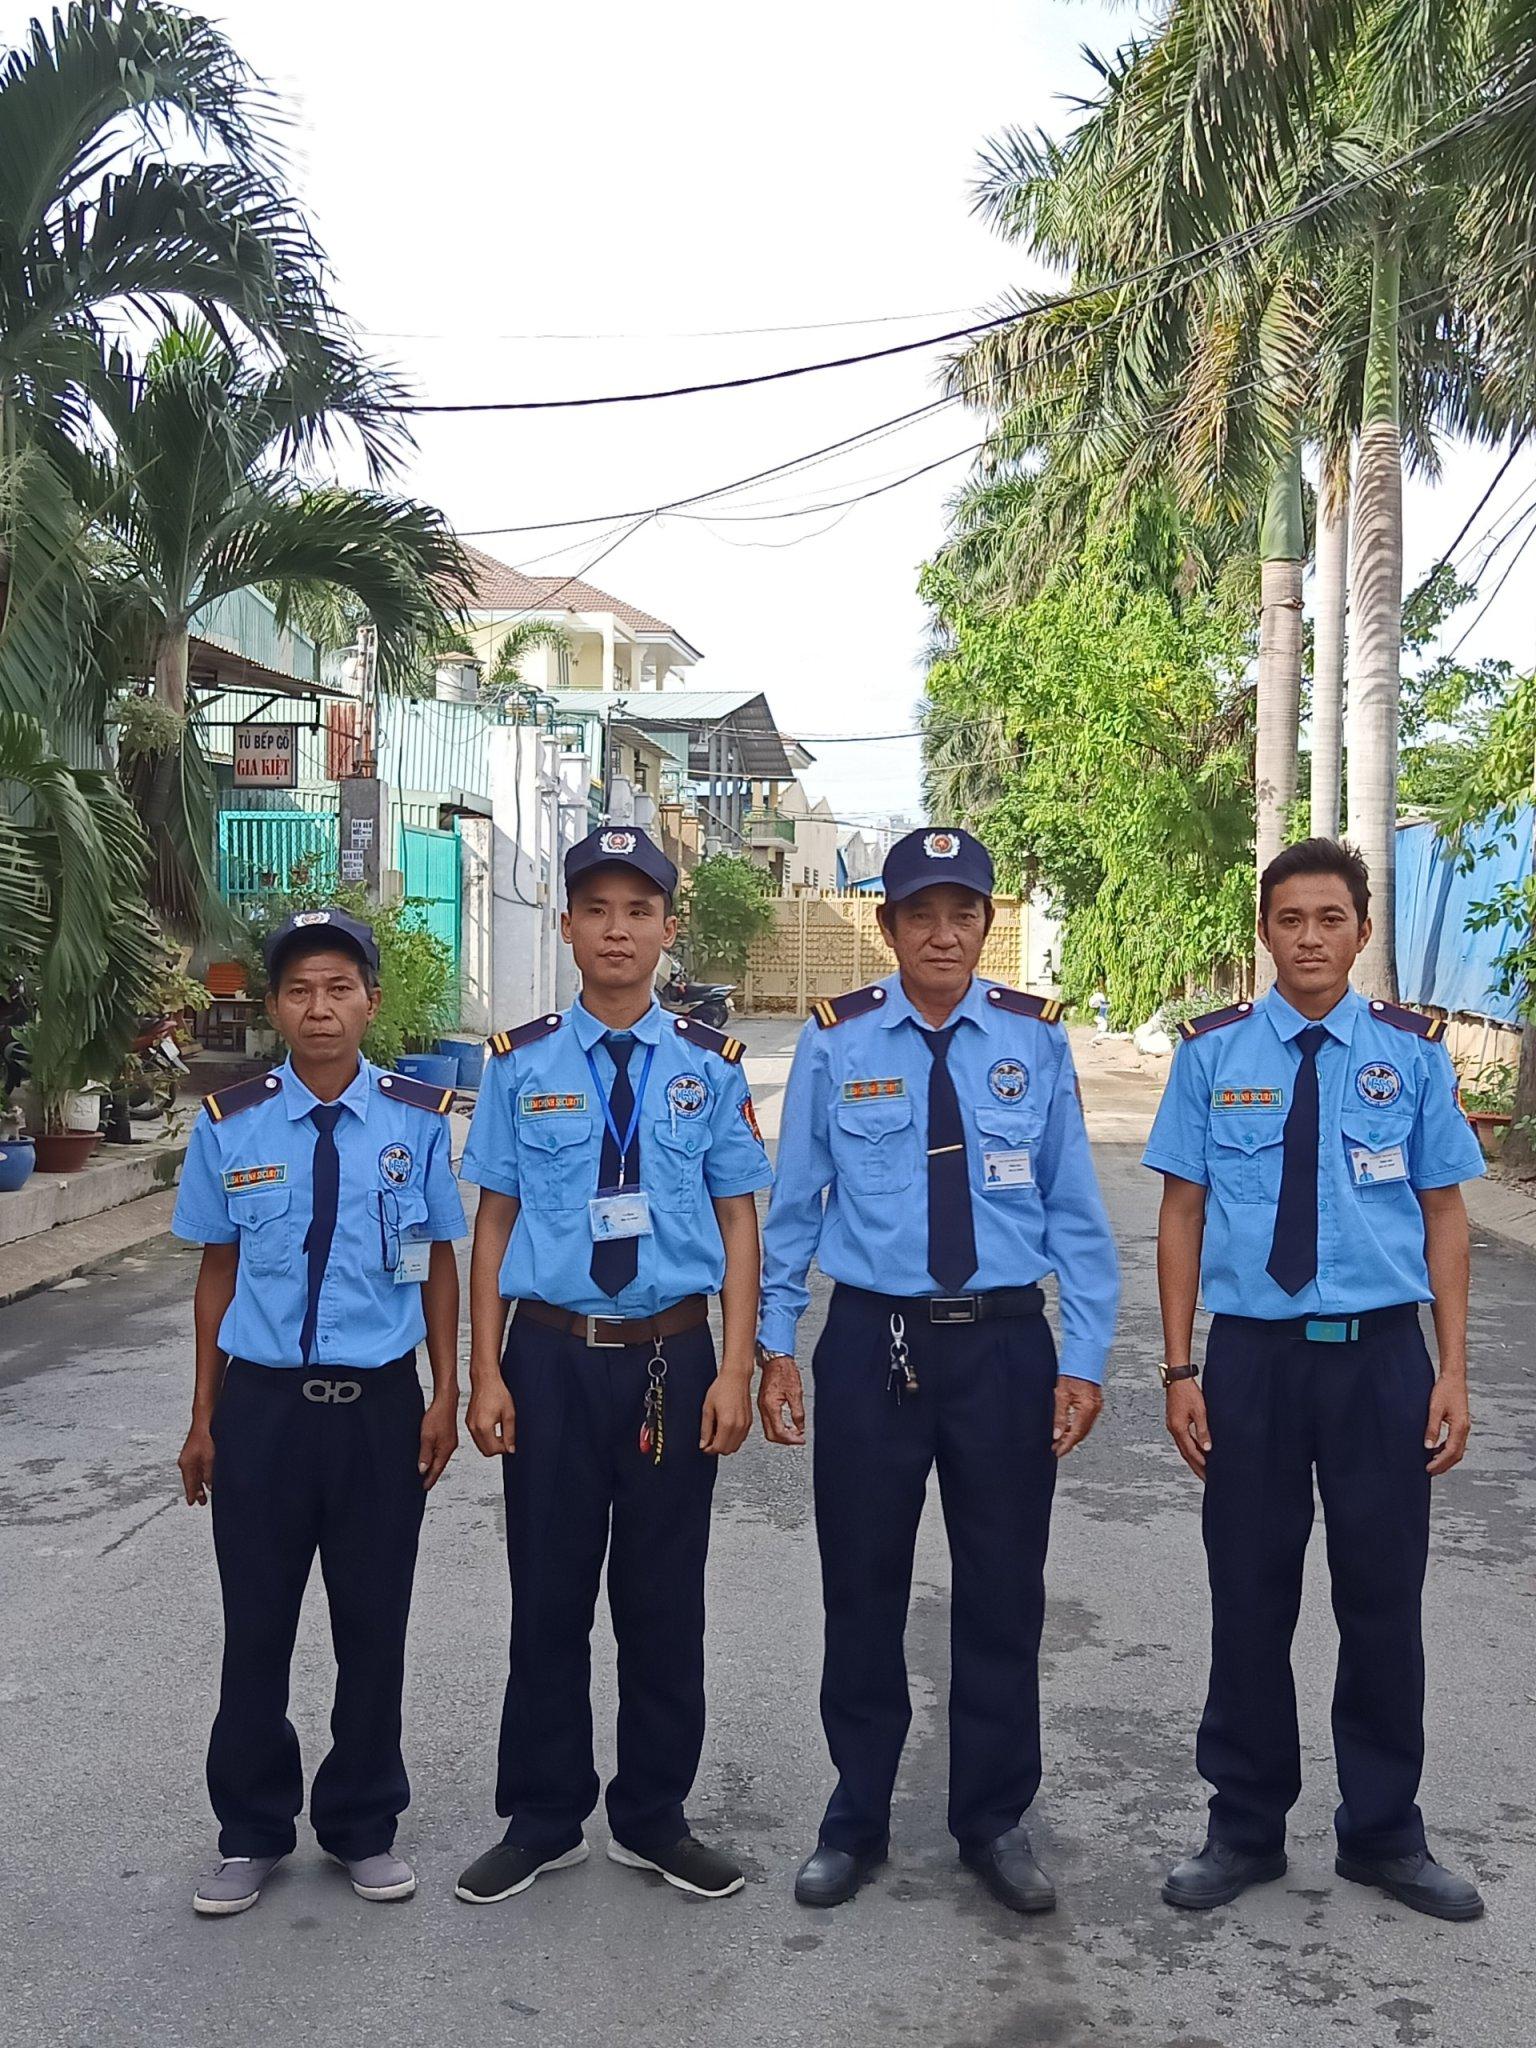 Dịch vụ bảo vệ chuyên nghiệp Bình Thuận 123